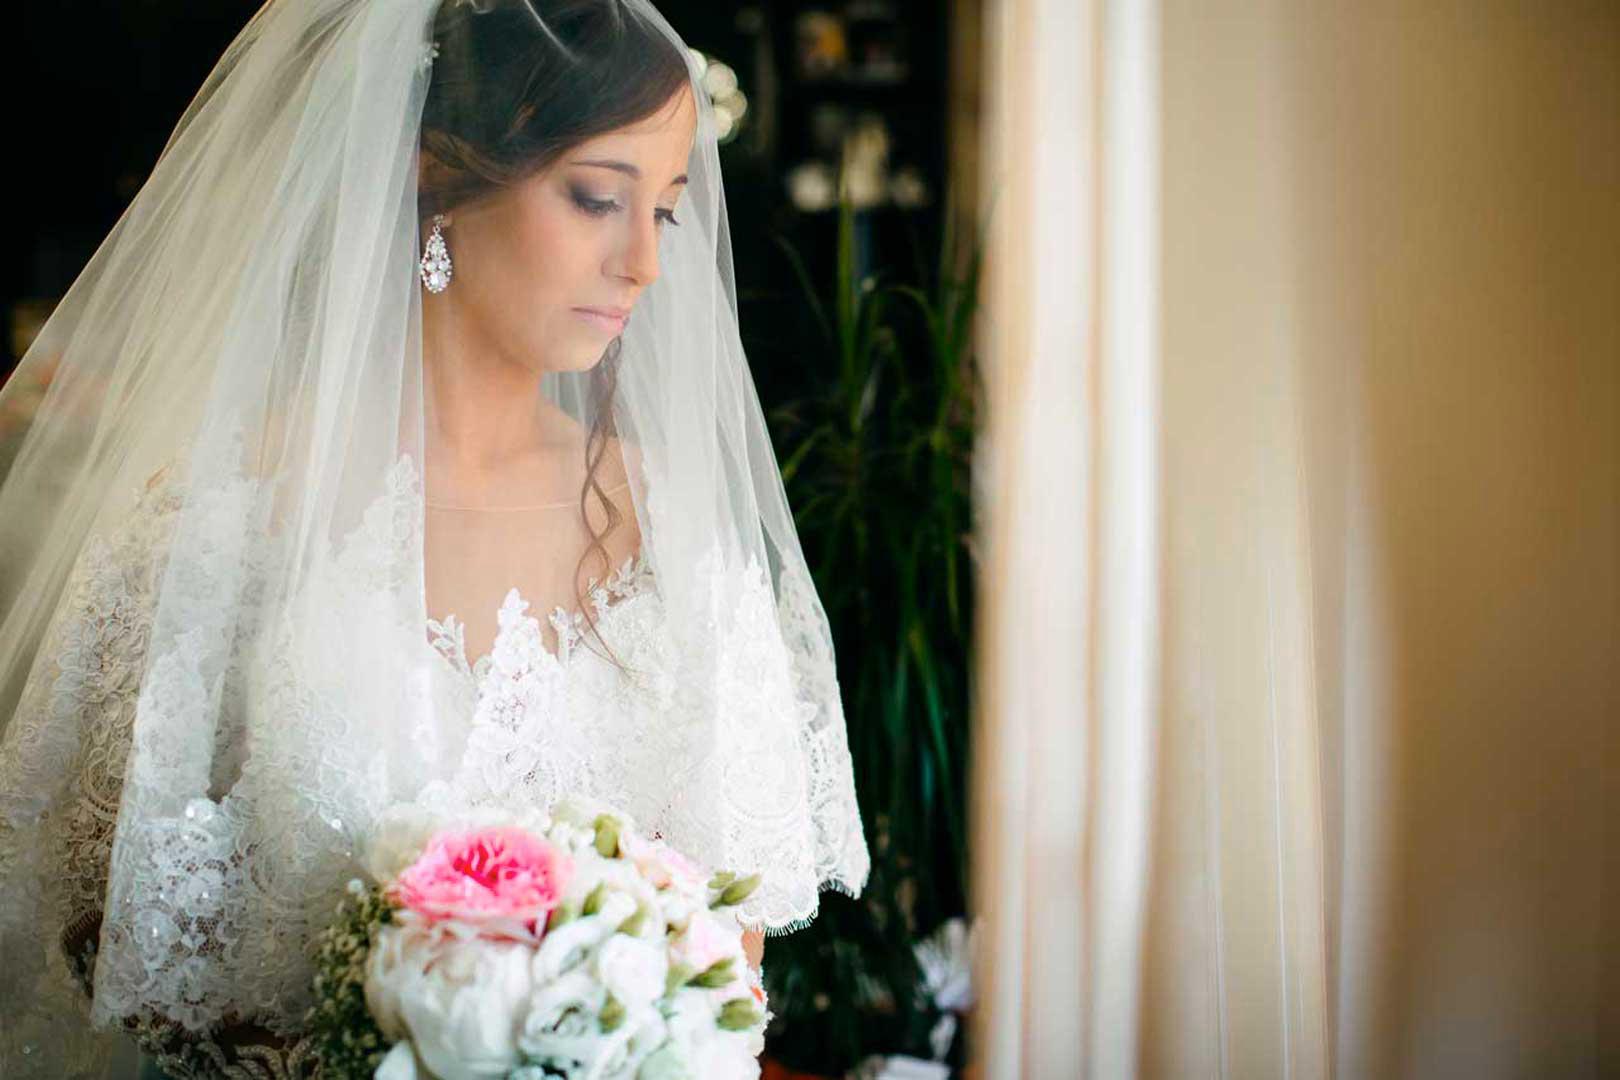 011-ritratto-sposa-matrimonio-gianni-lepore